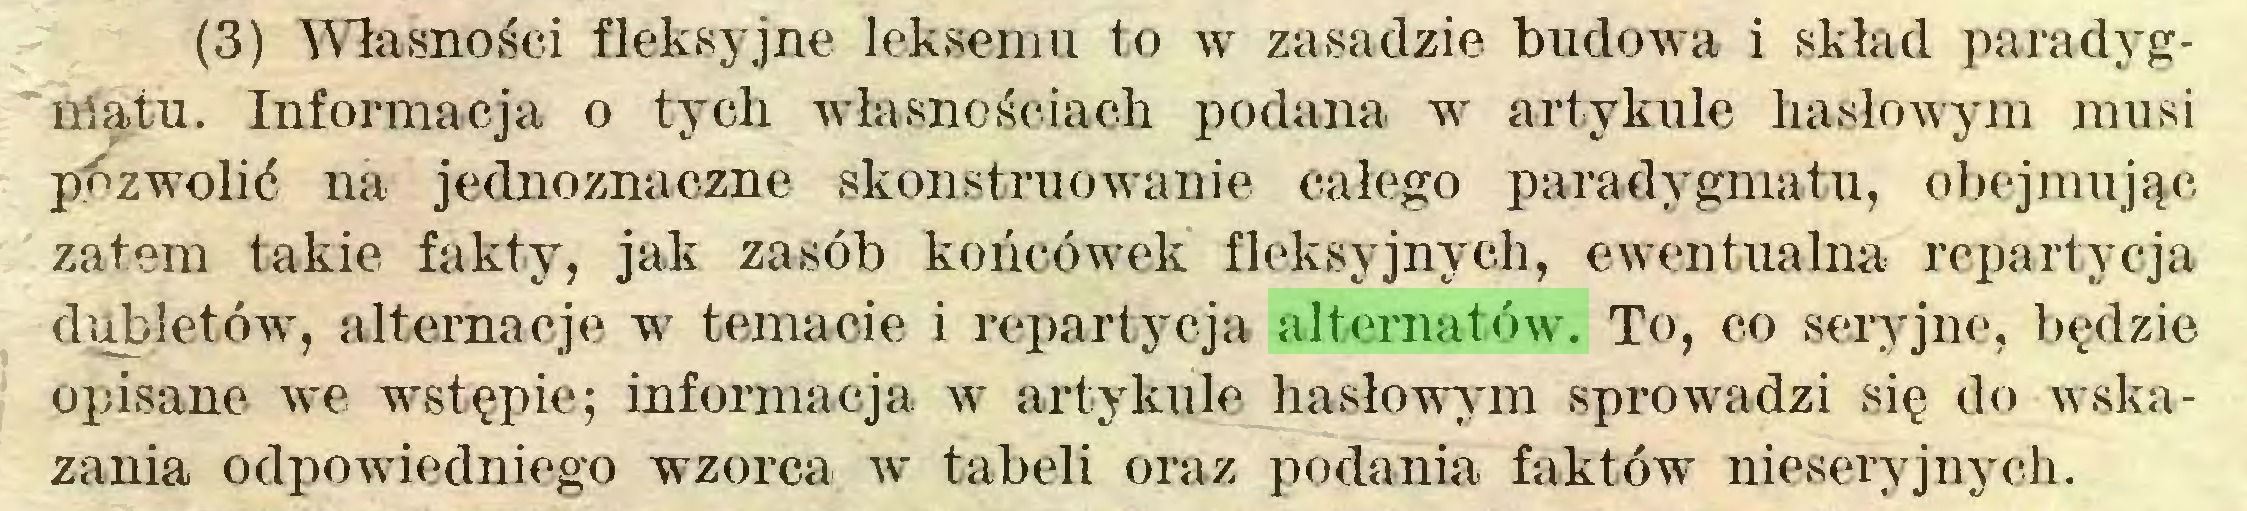 (...) (3) Własności fleksyjne leksemu to w zasadzie budowa i skład paradygmatu. Informacja o tych własnościach podana w artykule hasłowym musi pozwolić na jednoznaczne skonstruowanie całego paradygmatu, obejmując zatem takie fakty, jak zasób końcówek fleksyjnyeh, ewentualna repartycja dubletów^, alternacje w temacie i repartycja alternatów. To, co seryjne, będzie opisane we wstępie; informacja w artykule hasłowym sprowadzi się do wskazania odpowiedniego wzorca w tabeli oraz podania faktów nieseryjnych...